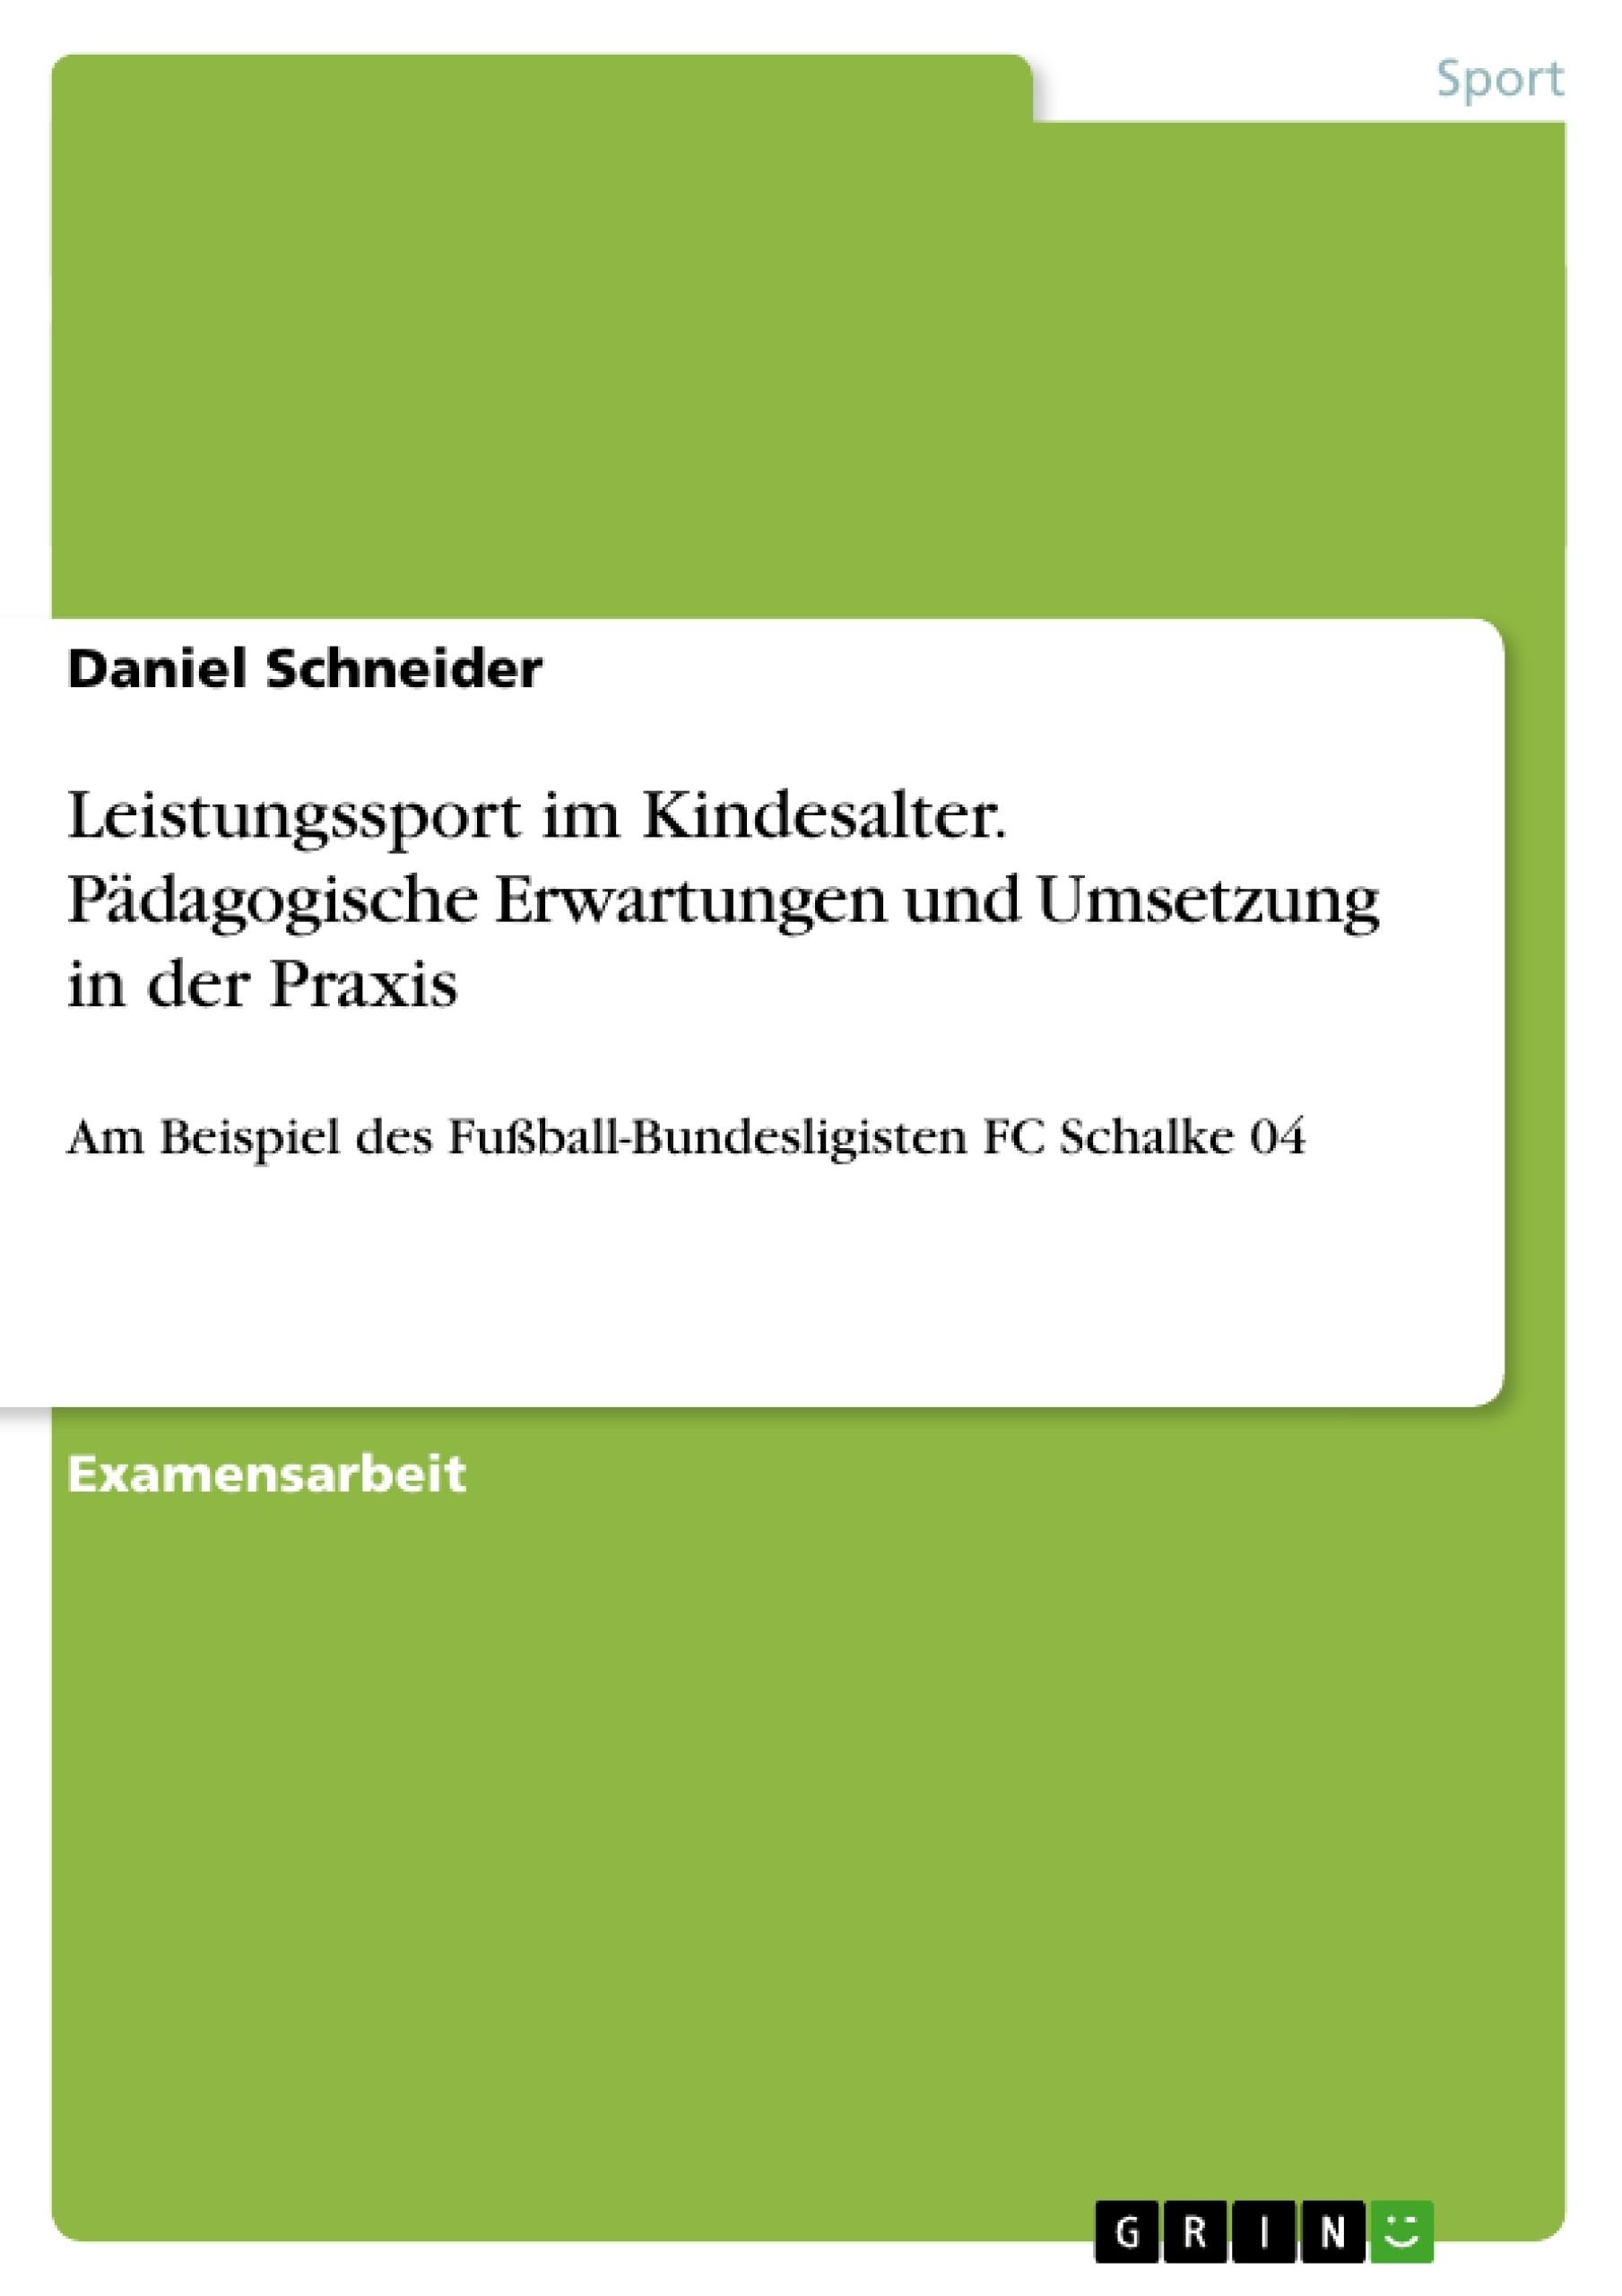 Titel: Leistungssport im Kindesalter. Pädagogische Erwartungen und Umsetzung in der Praxis